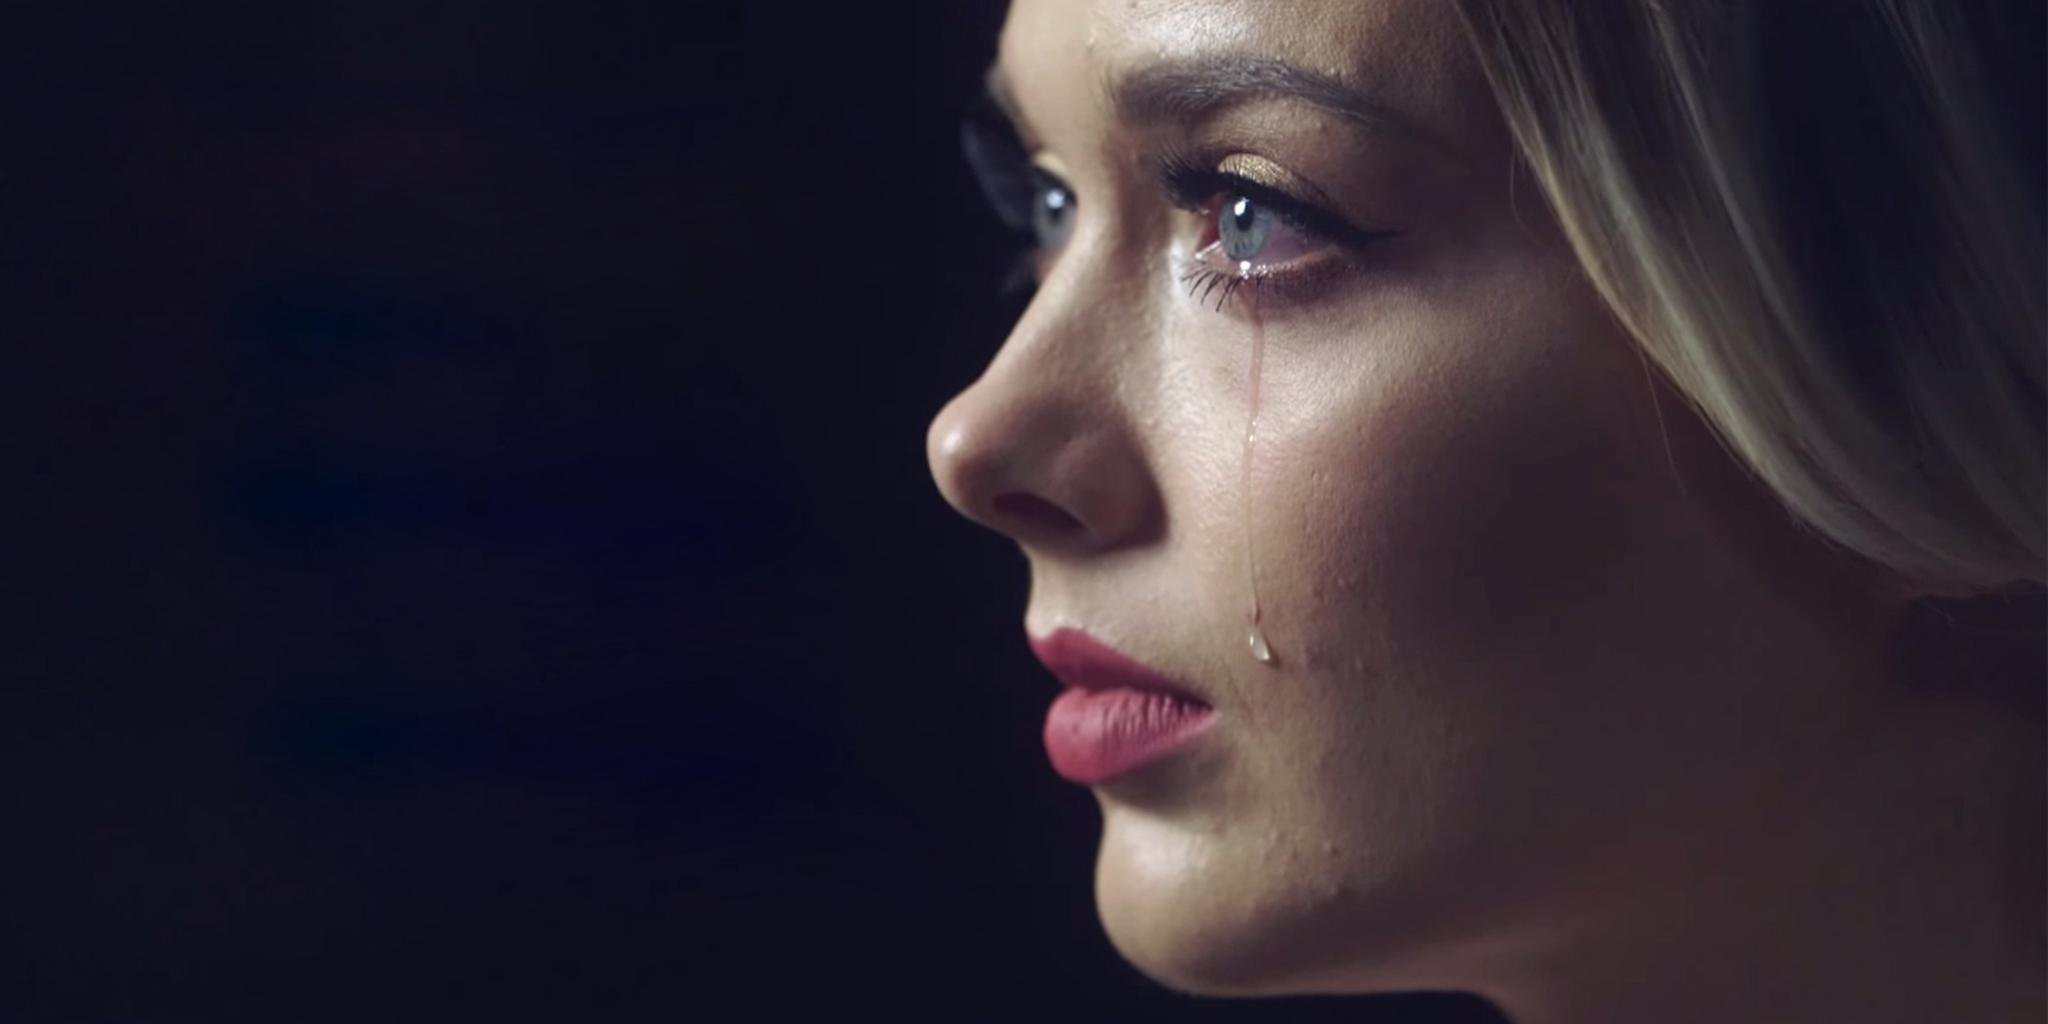 dosa suami menyakiti istri, hukum suami buat istri menangis, istri menangis, hukum suami menyakiti istri,